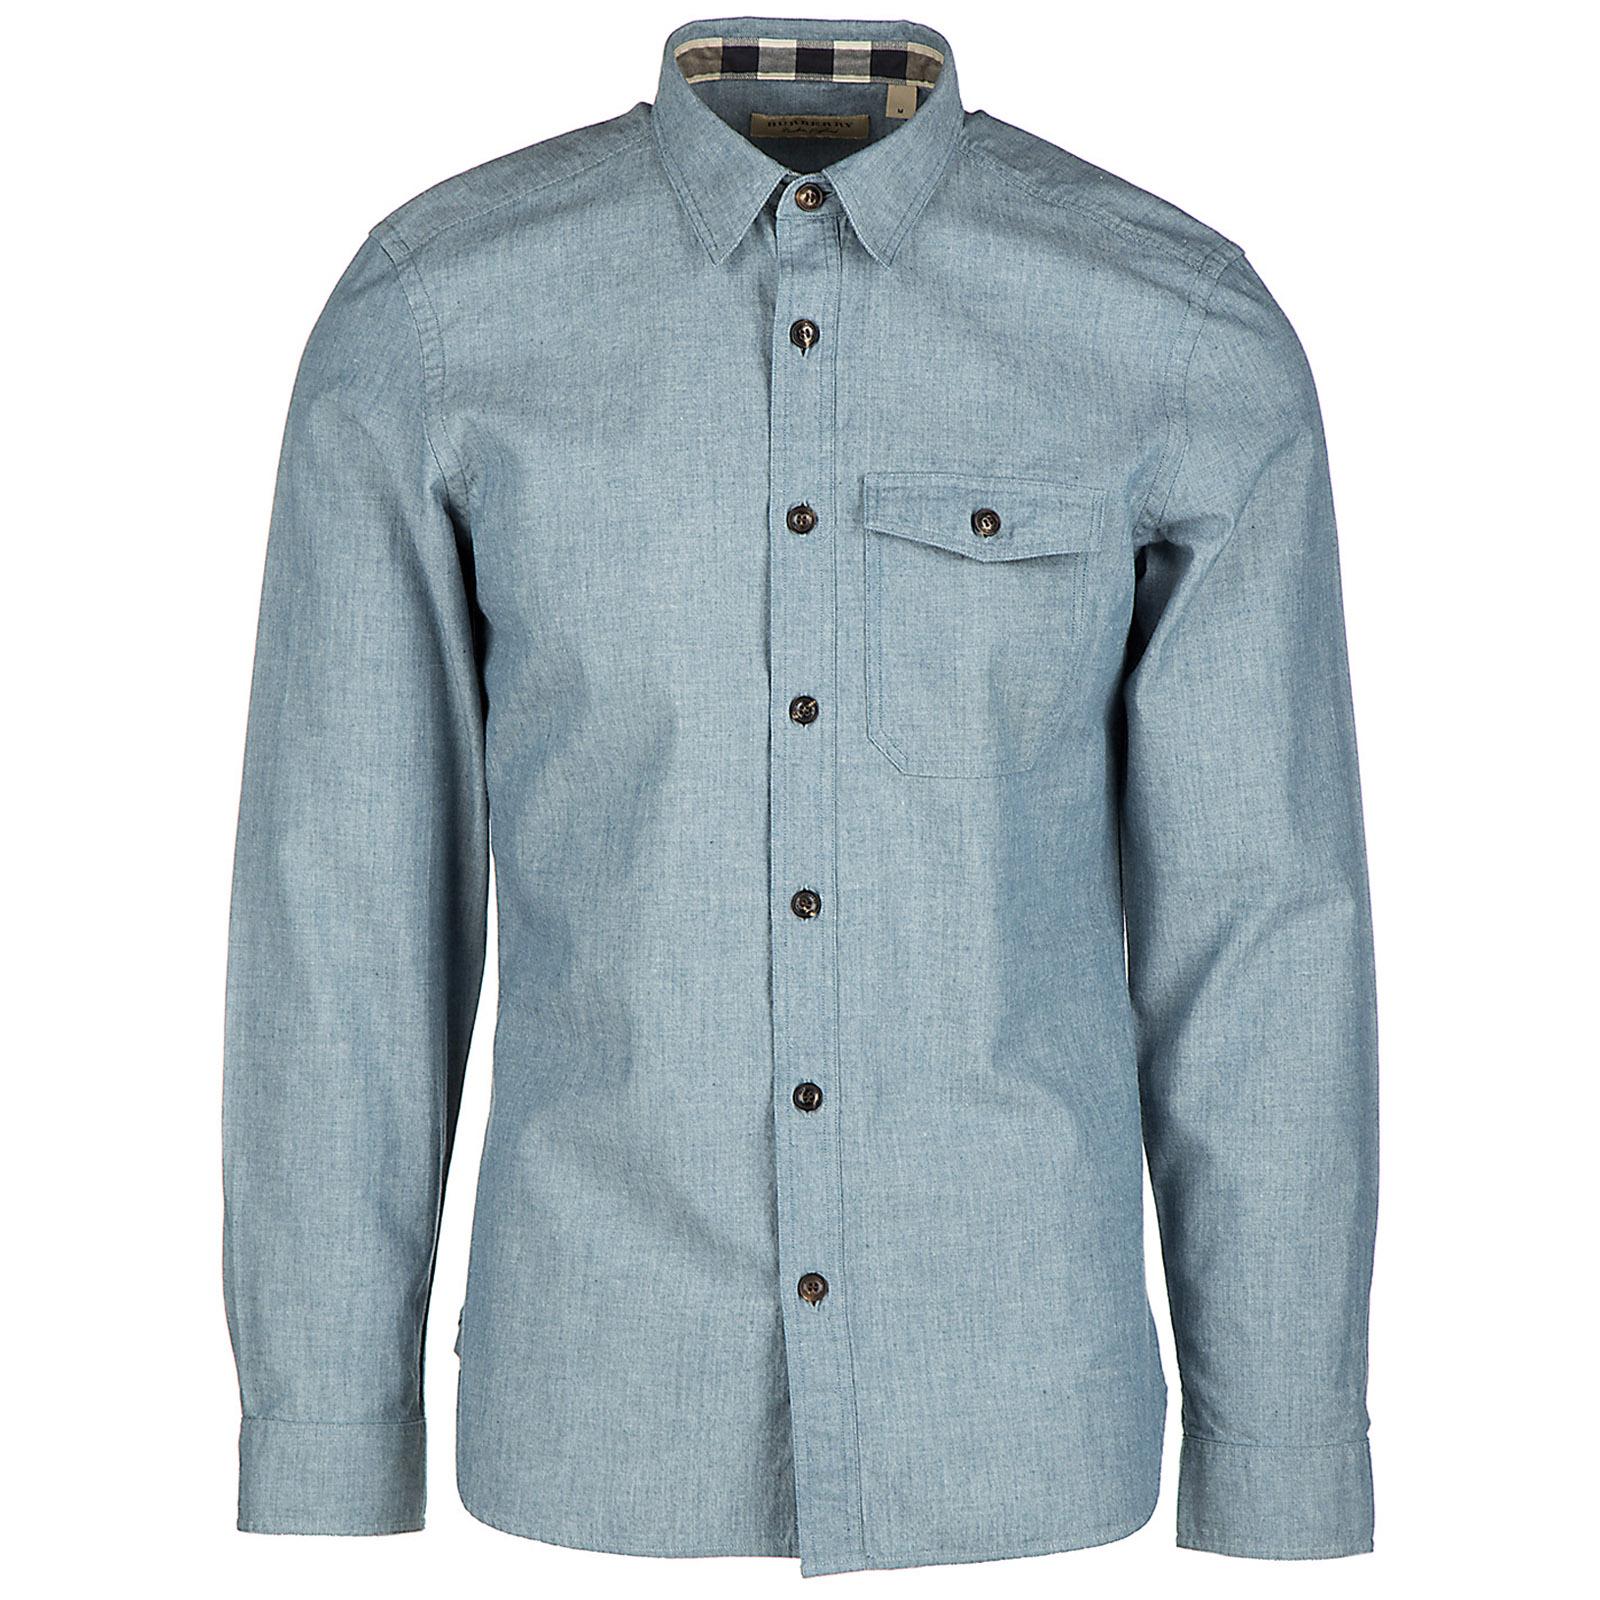 Mужская рубашка с длинным рукавом friston